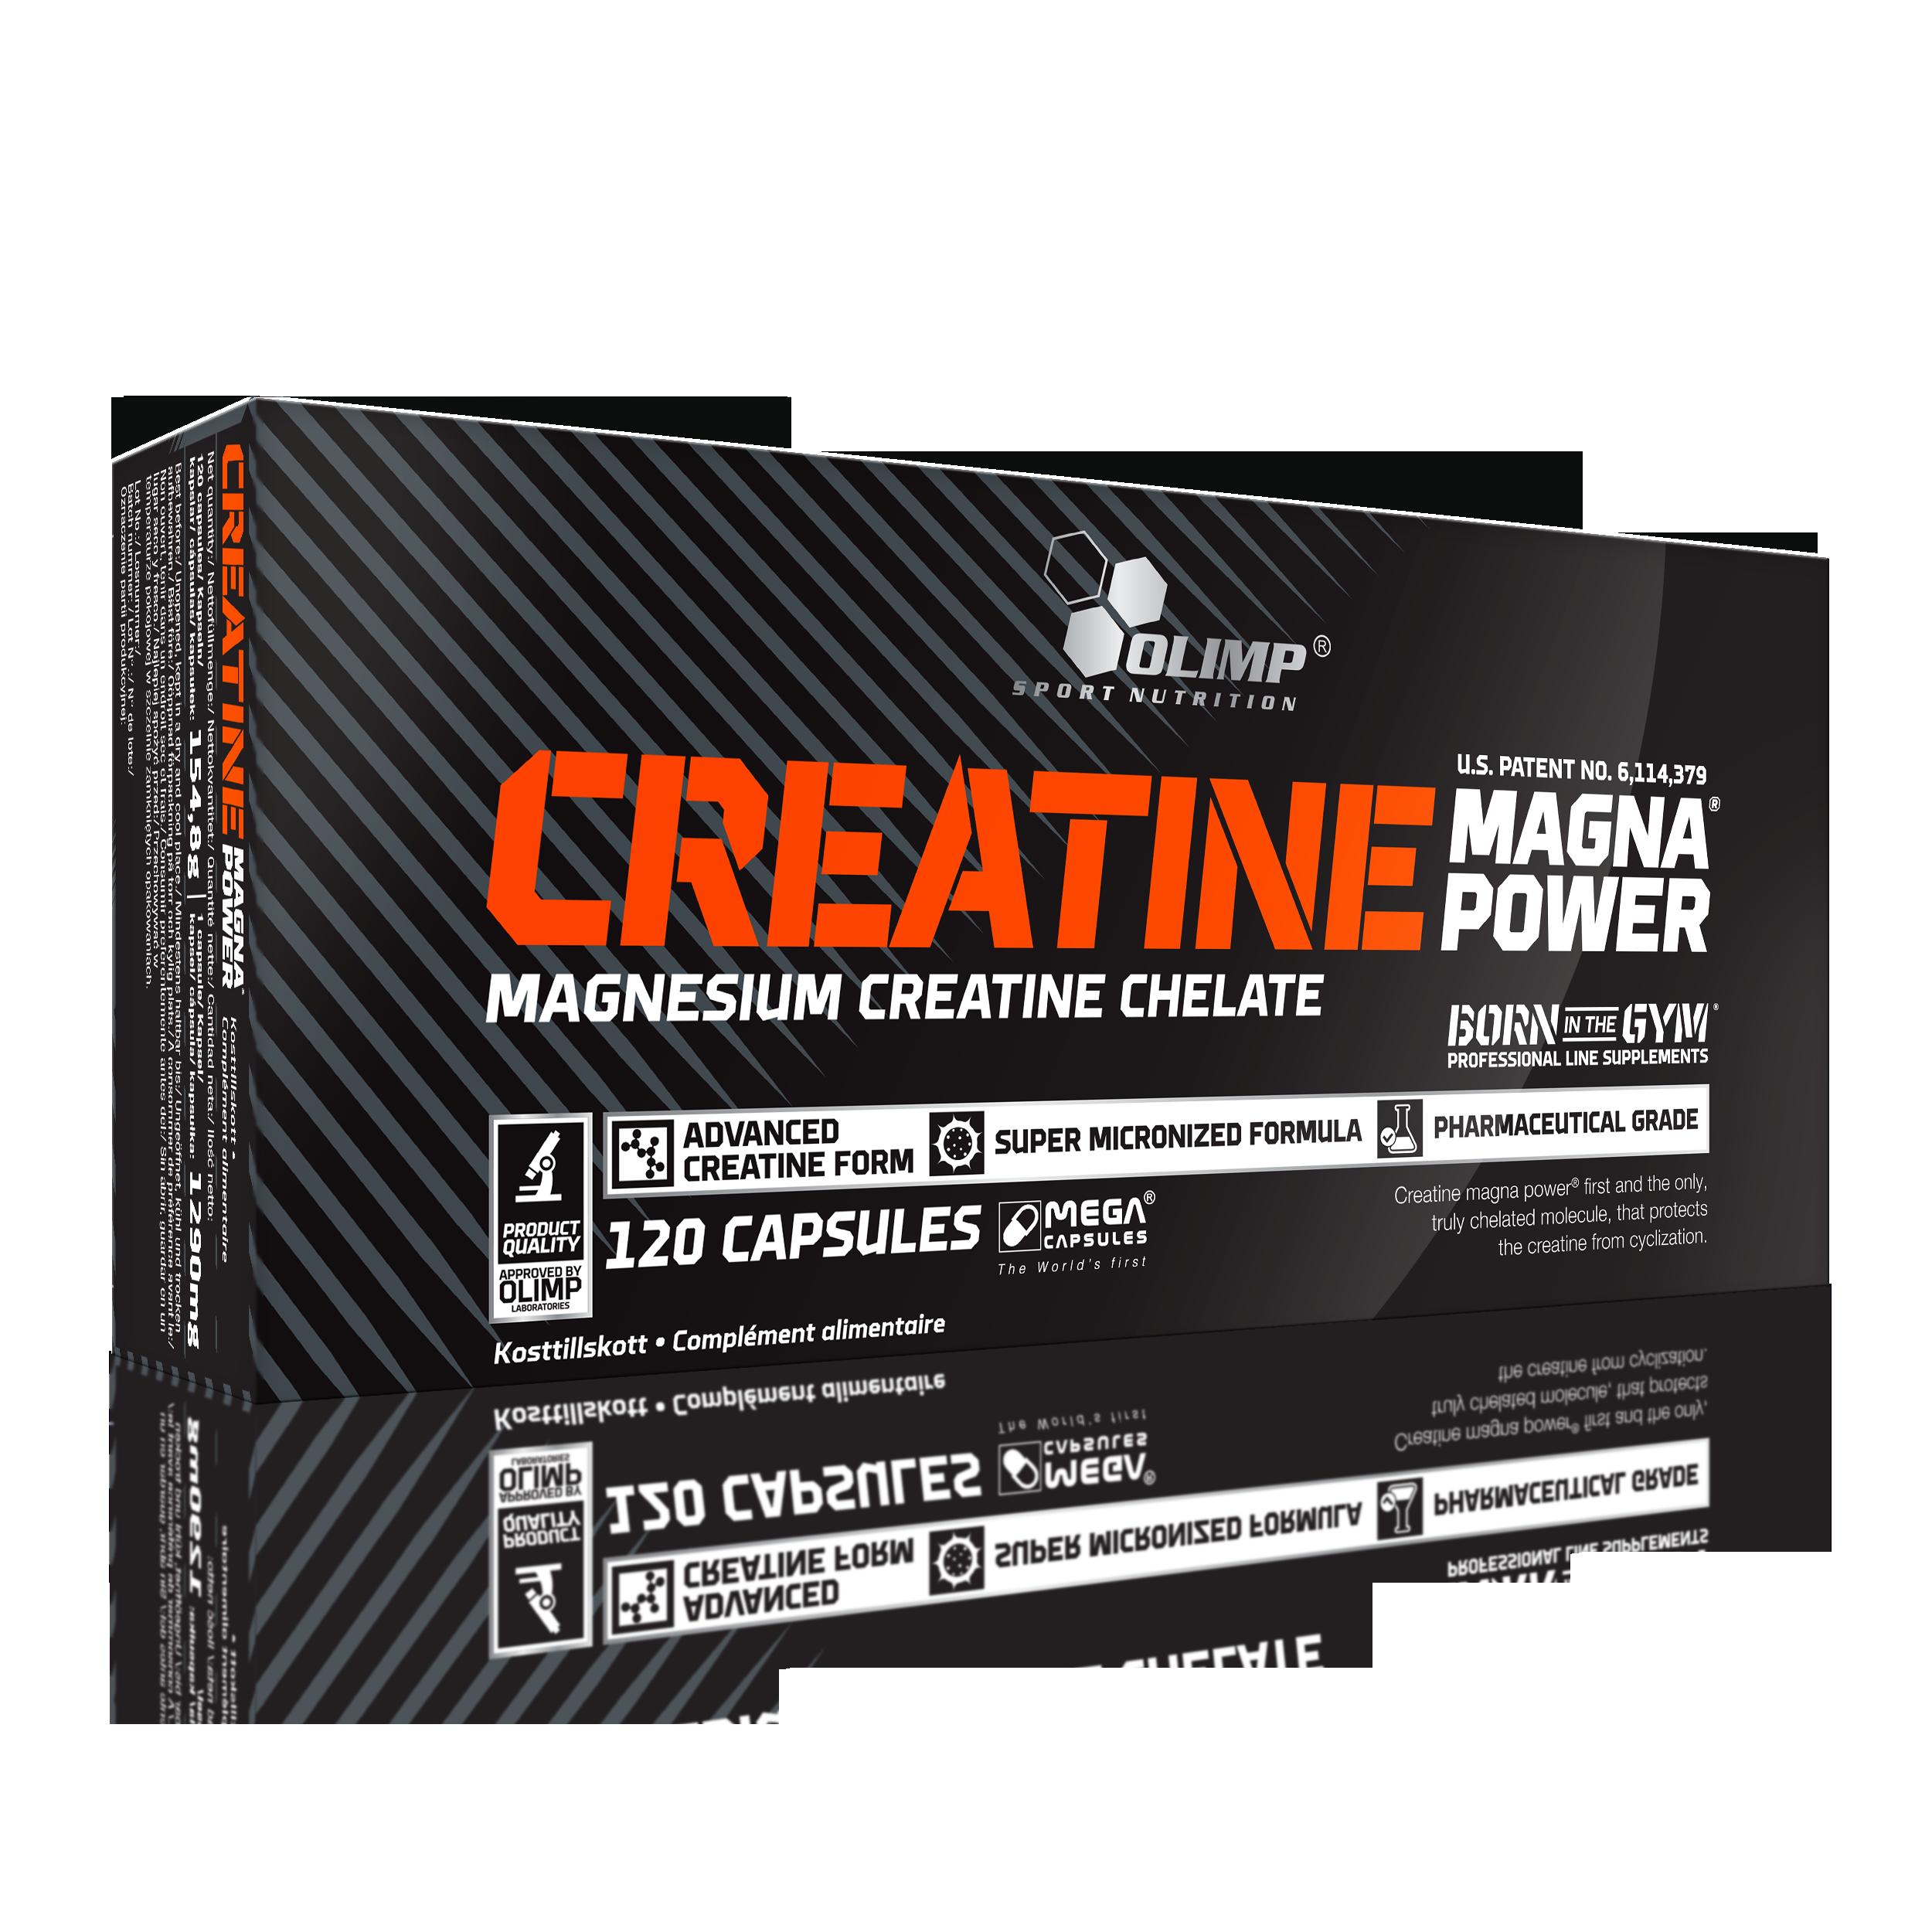 Creatine Magna Power, 120 kapslí, Olimp